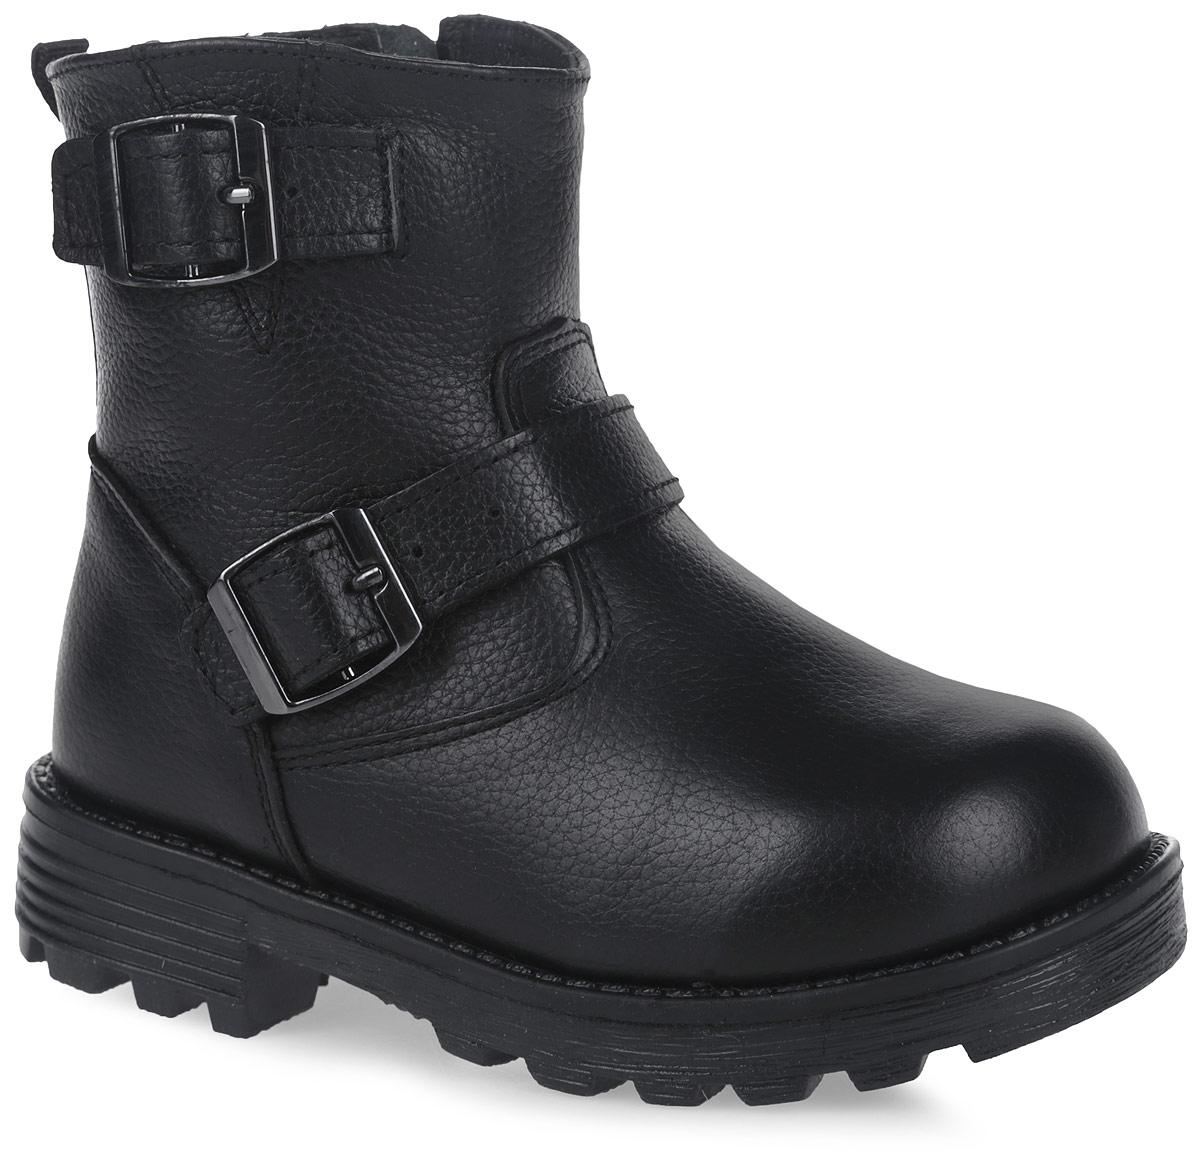 11201-1Полусапоги от Зебра выполнены из натуральной кожи и оформлены декоративными ремешками. Застежка-молния надежно фиксирует изделие на ноге. Мягкая подкладка и стелька из натурального меха обеспечивают тепло, циркуляцию воздуха и сохраняют комфортный микроклимат в обуви.